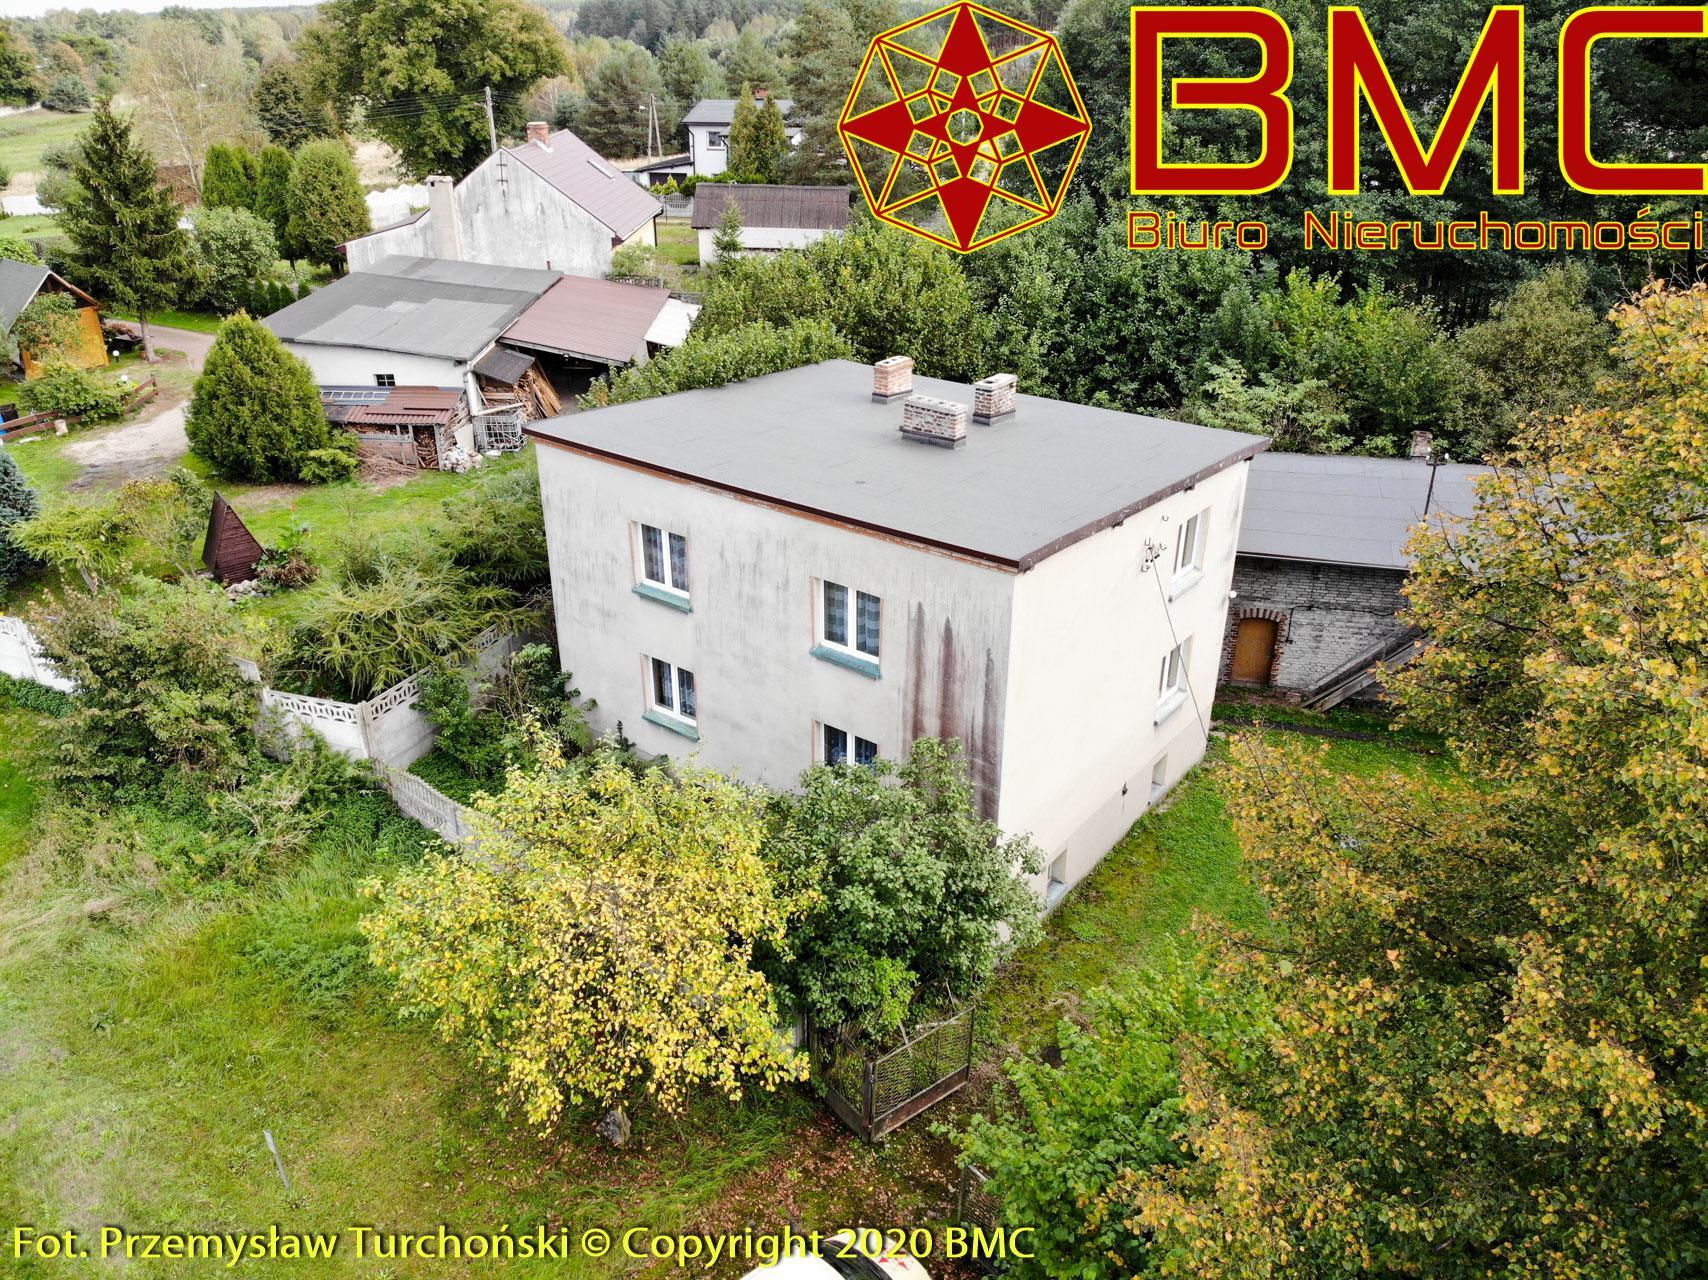 Nieruchomość Dom sprzedaż Kalety Dom do remontu z budynkiem gospodarczym- Drutarnia1